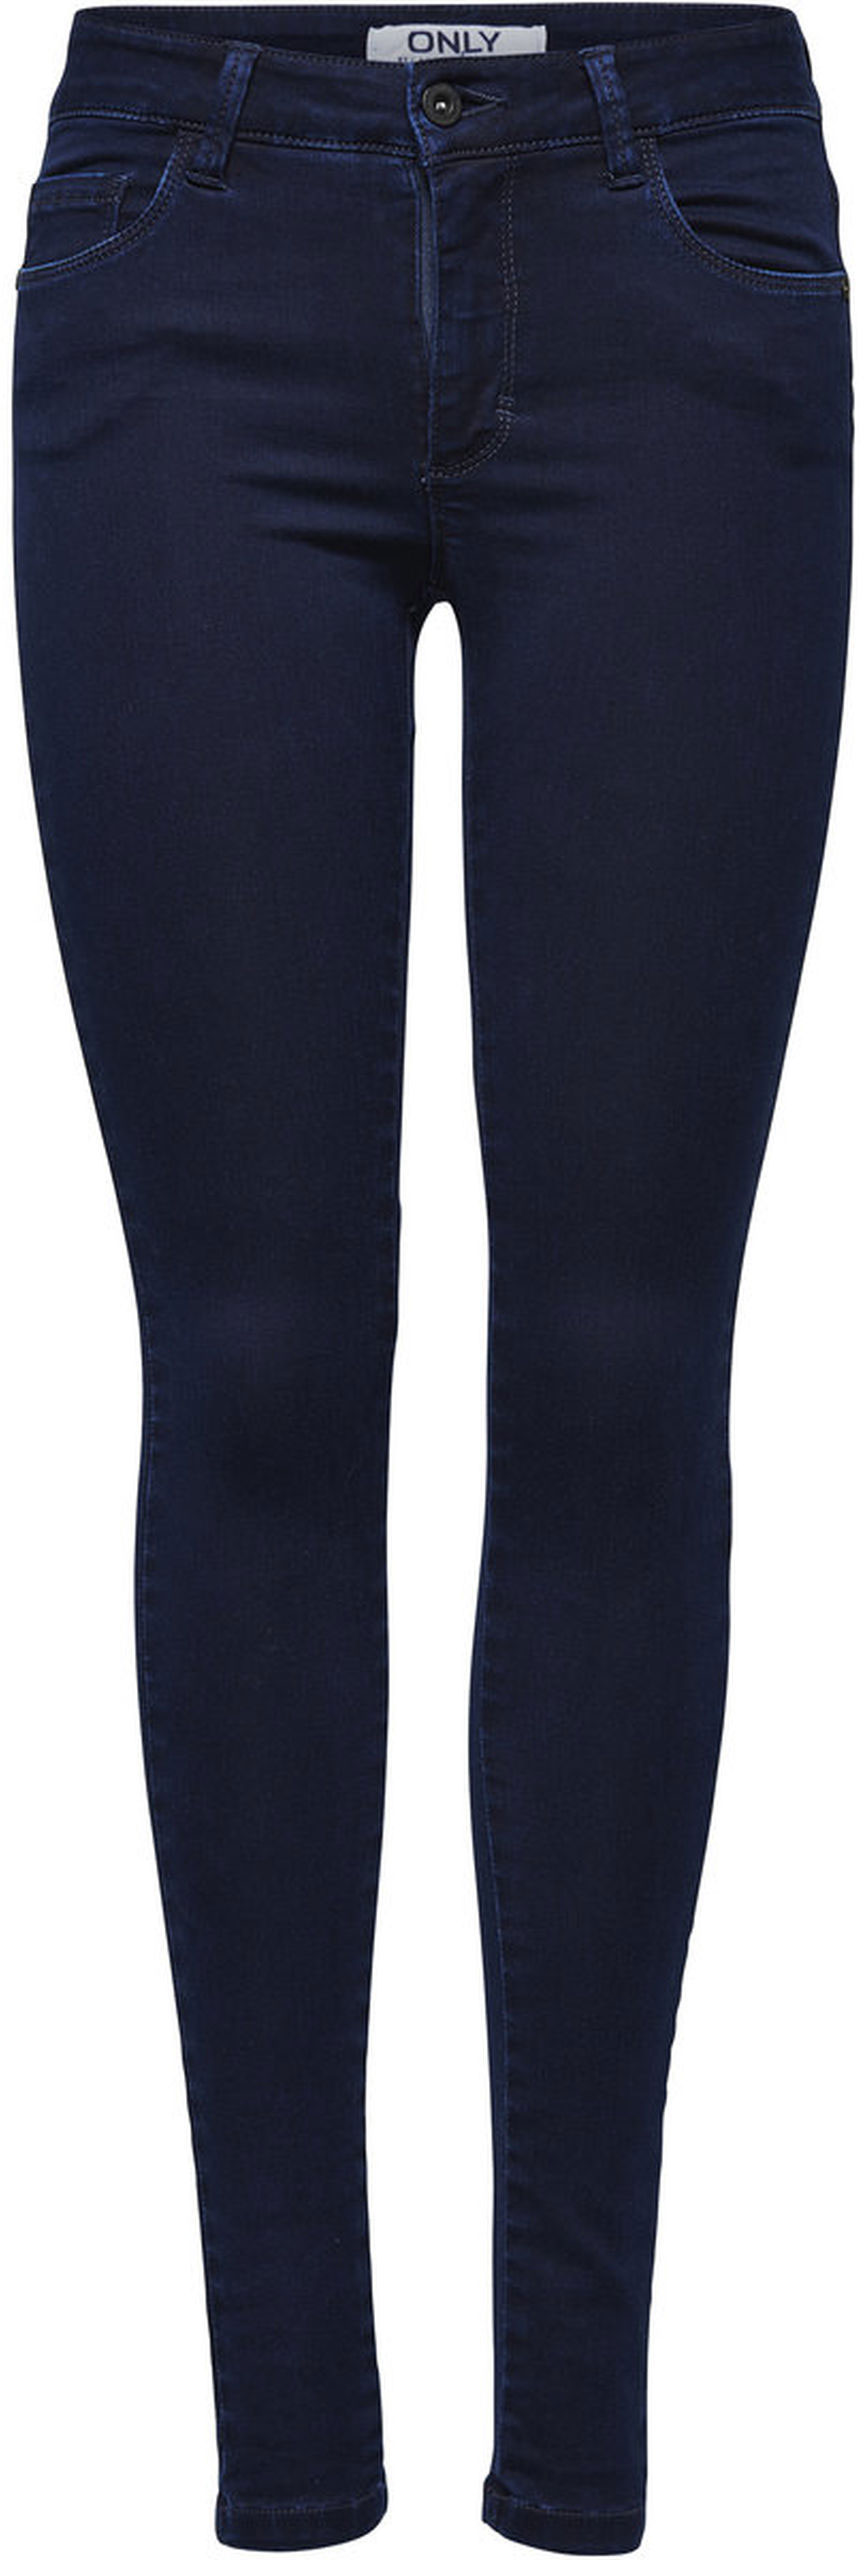 Джинсы женские Only, цвет: темно-синий. 15092651_Dark Blue Denim. Размер XL-32 (50/52-32)15092651_Dark Blue DenimСтильные женские джинсы Only выполнены из хлопка с добавлением полиэстера и эластана. Материал мягкий и приятный на ощупь, не сковывает движения и дарит комфорт. Джинсы-скинни с заниженной посадкой застегиваются на пуговицу в поясе и ширинку на застежке-молнии. На поясе предусмотрены шлевки для ремня. Спереди модель дополнена двумя втачными карманами и одним накладным кармашком, сзади - двумя накладными карманами. Модель оформлена контрастной прострочкой.